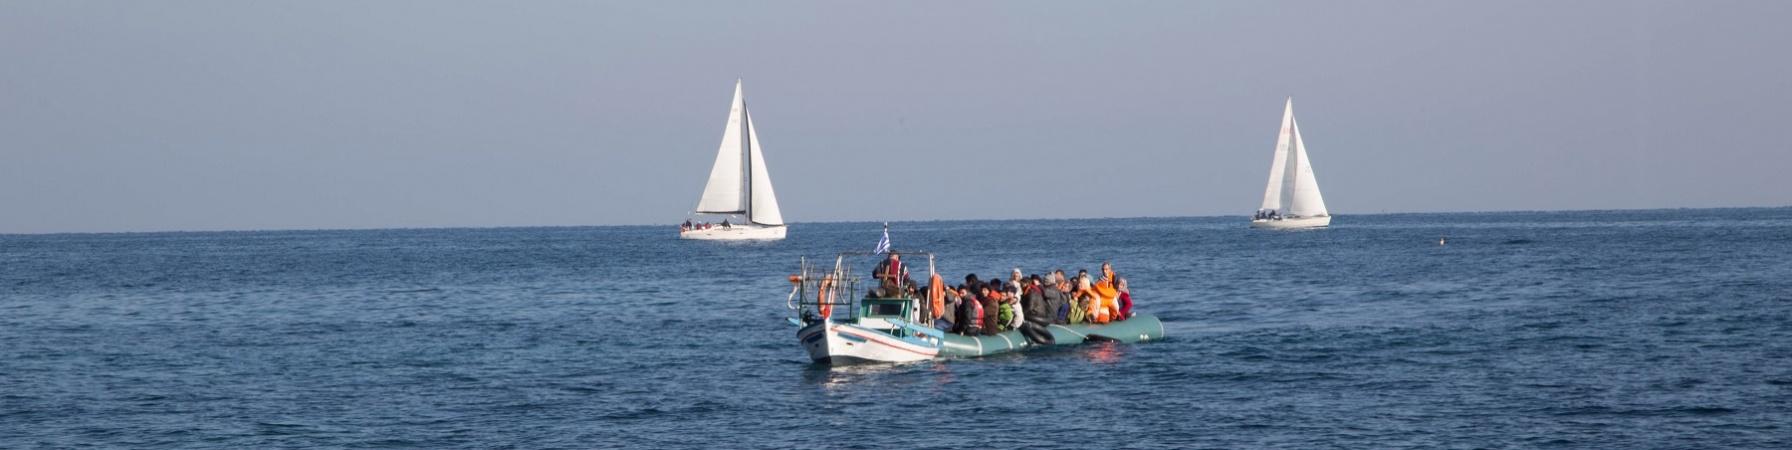 barca con a bordo migranti in mezzo al mare